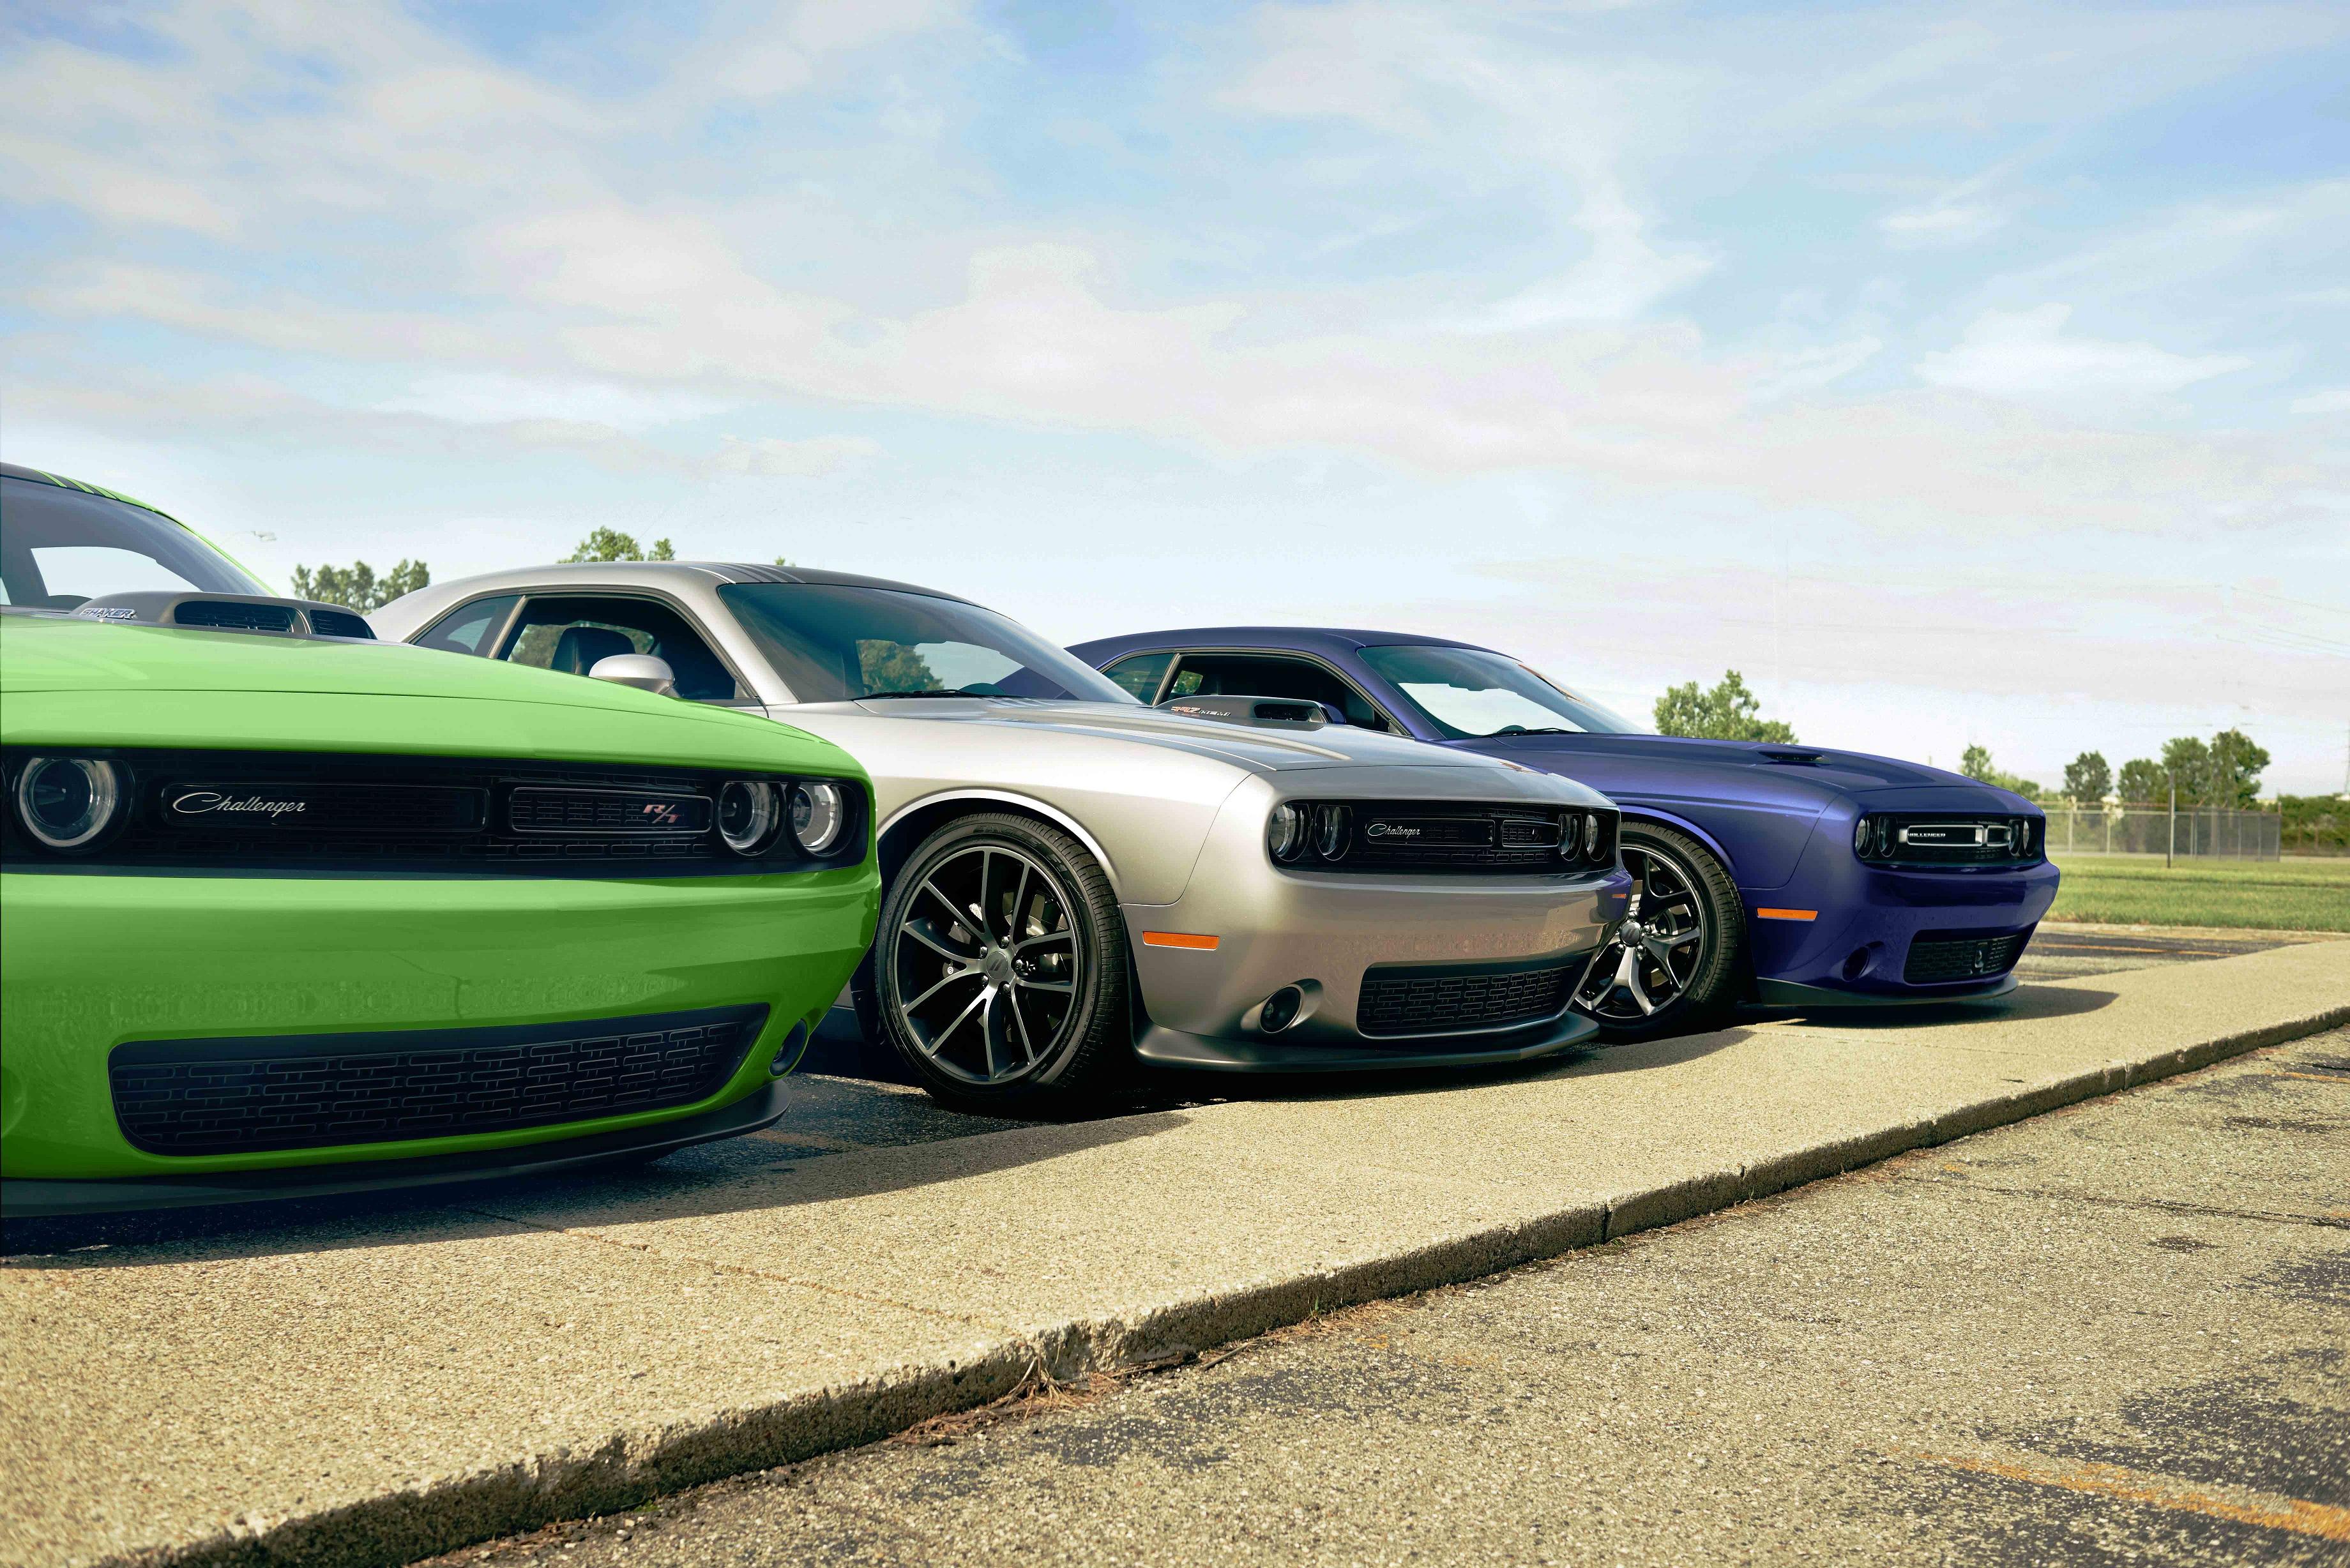 Dodge Dealers In Nj >> Used Dodge Dealership In Springfield Nj Autoland Cdjr